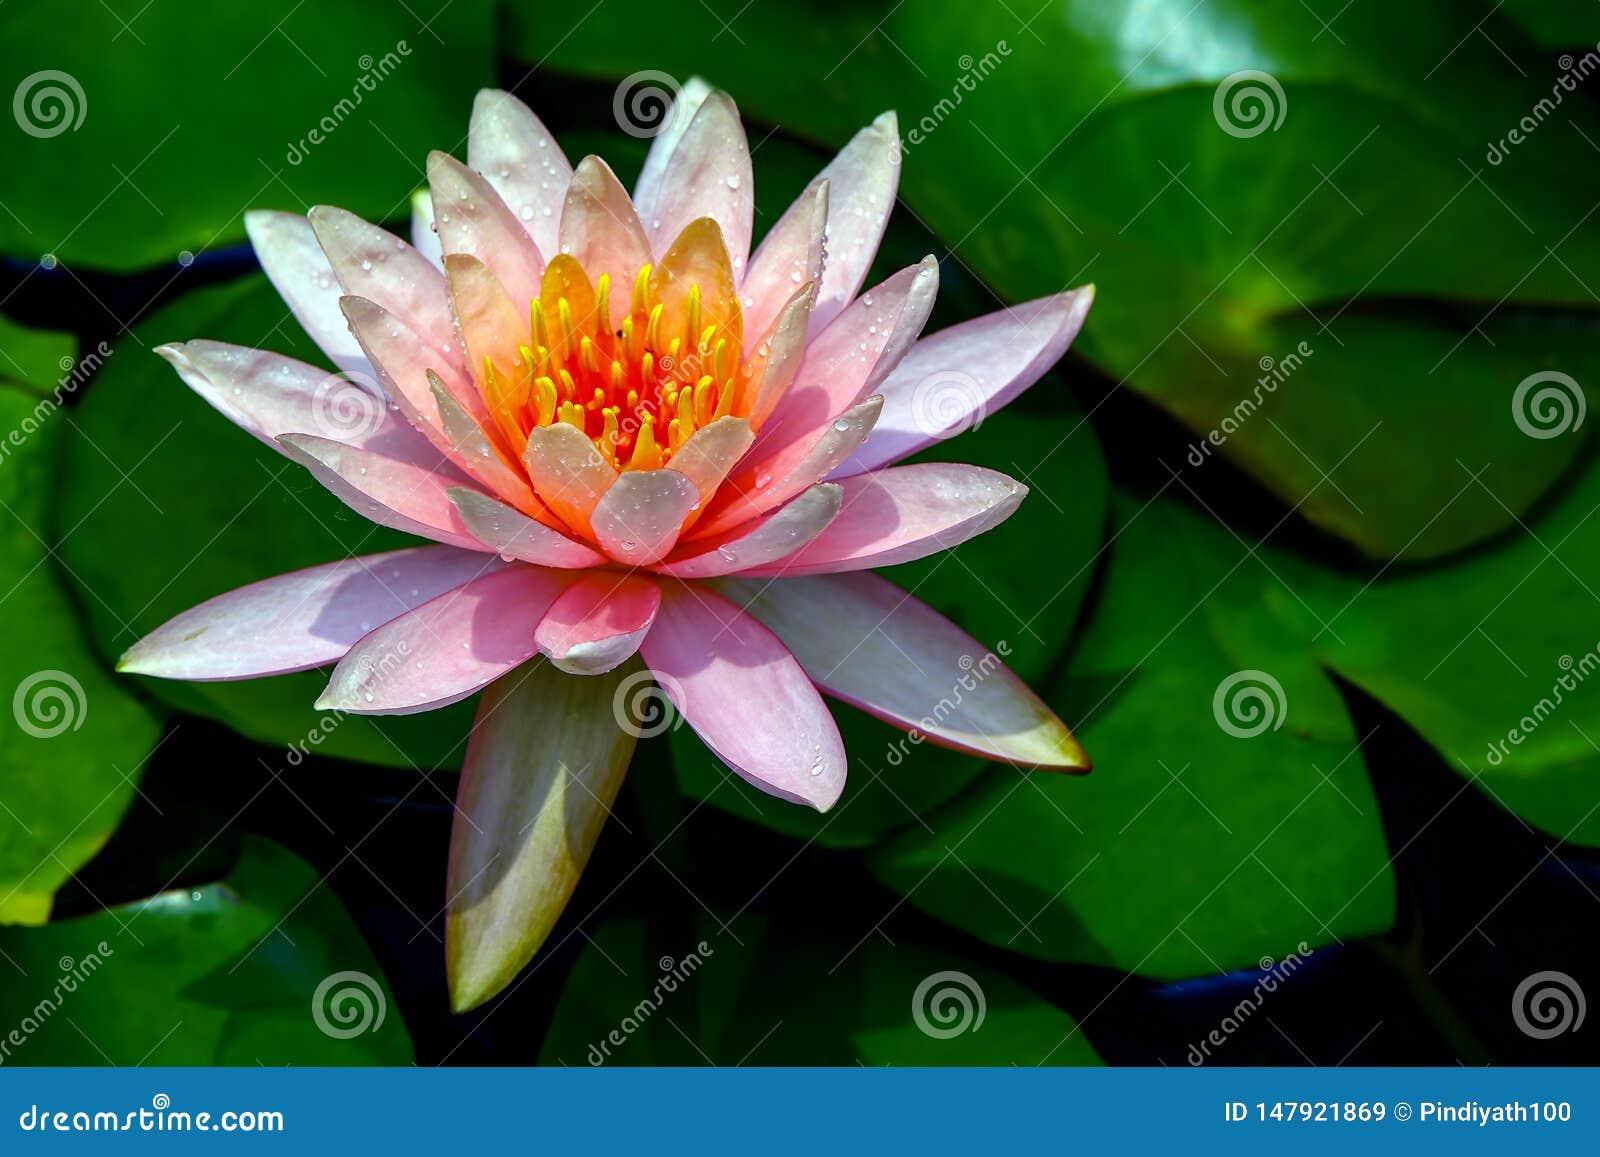 Frische orientalische Seerose in voller Blüte